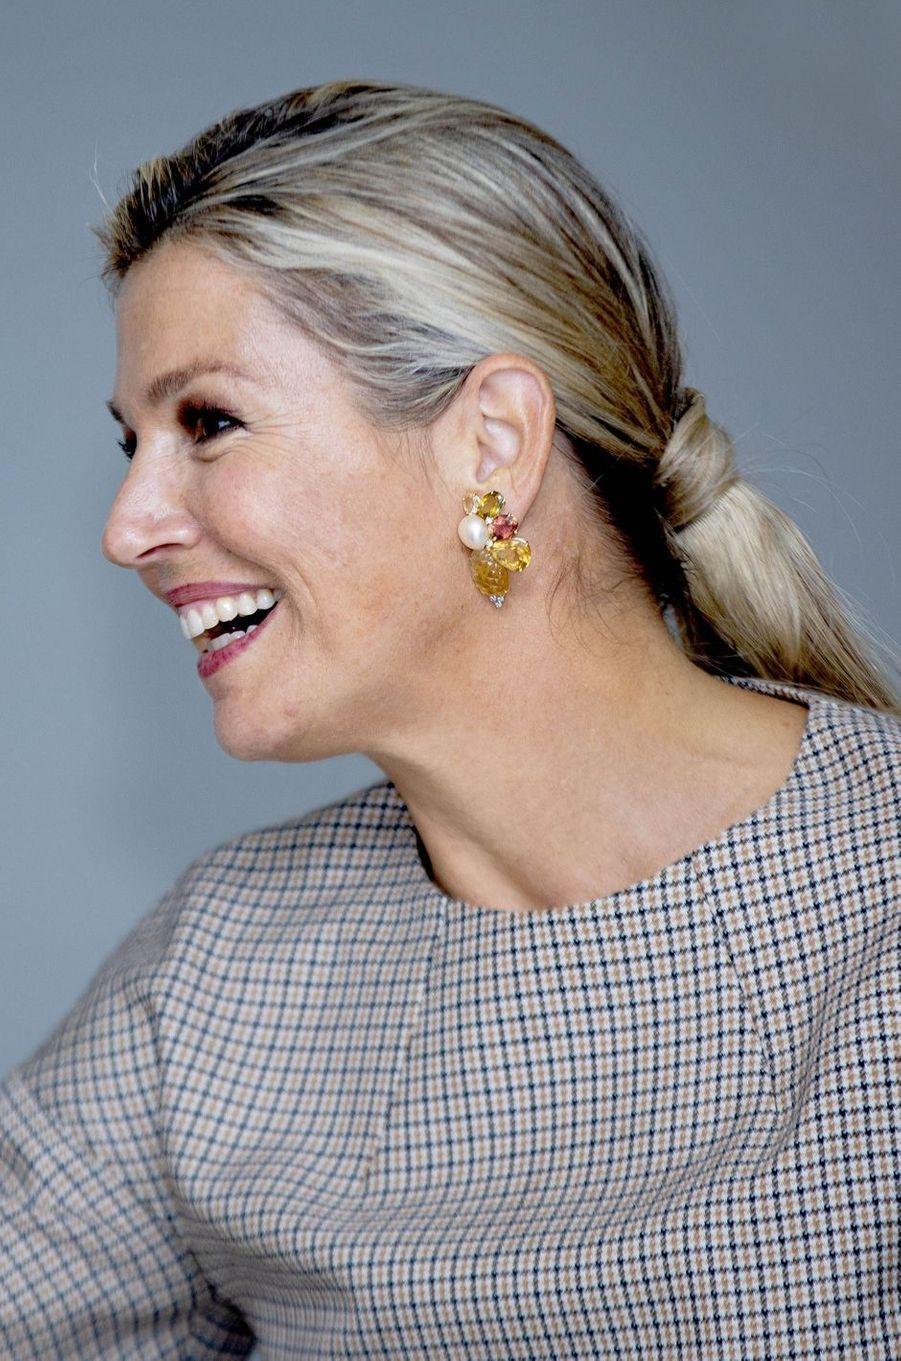 Les boucles d'oreille de la reine Maxima des Pays-Bas à Amersfoort, le 3 octobre 2019